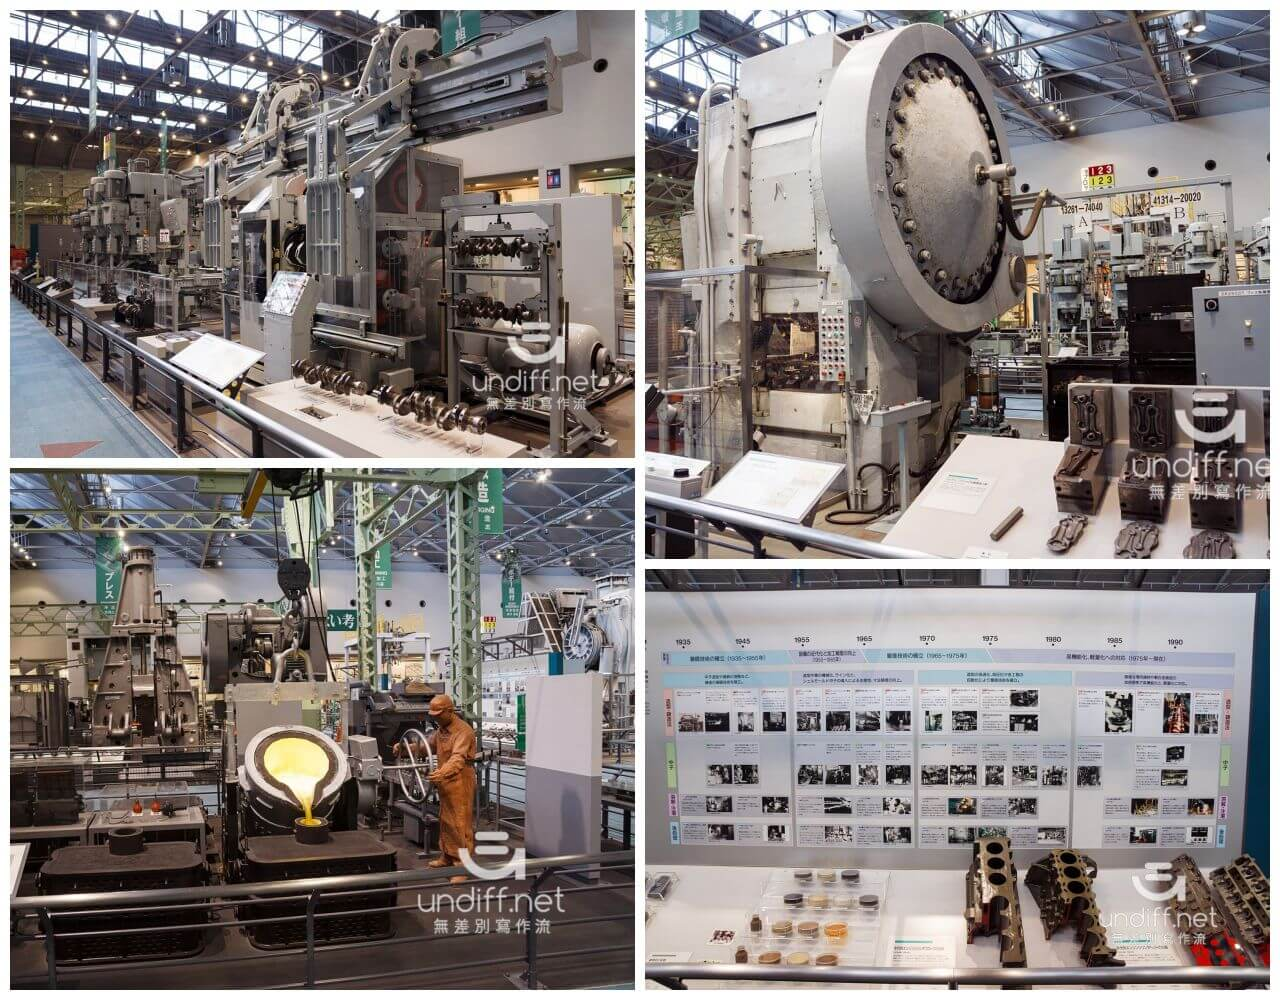 【名古屋景點】豐田產業技術紀念館 》汽車館:瞭解 TOYOTA 的科技與歷史 78